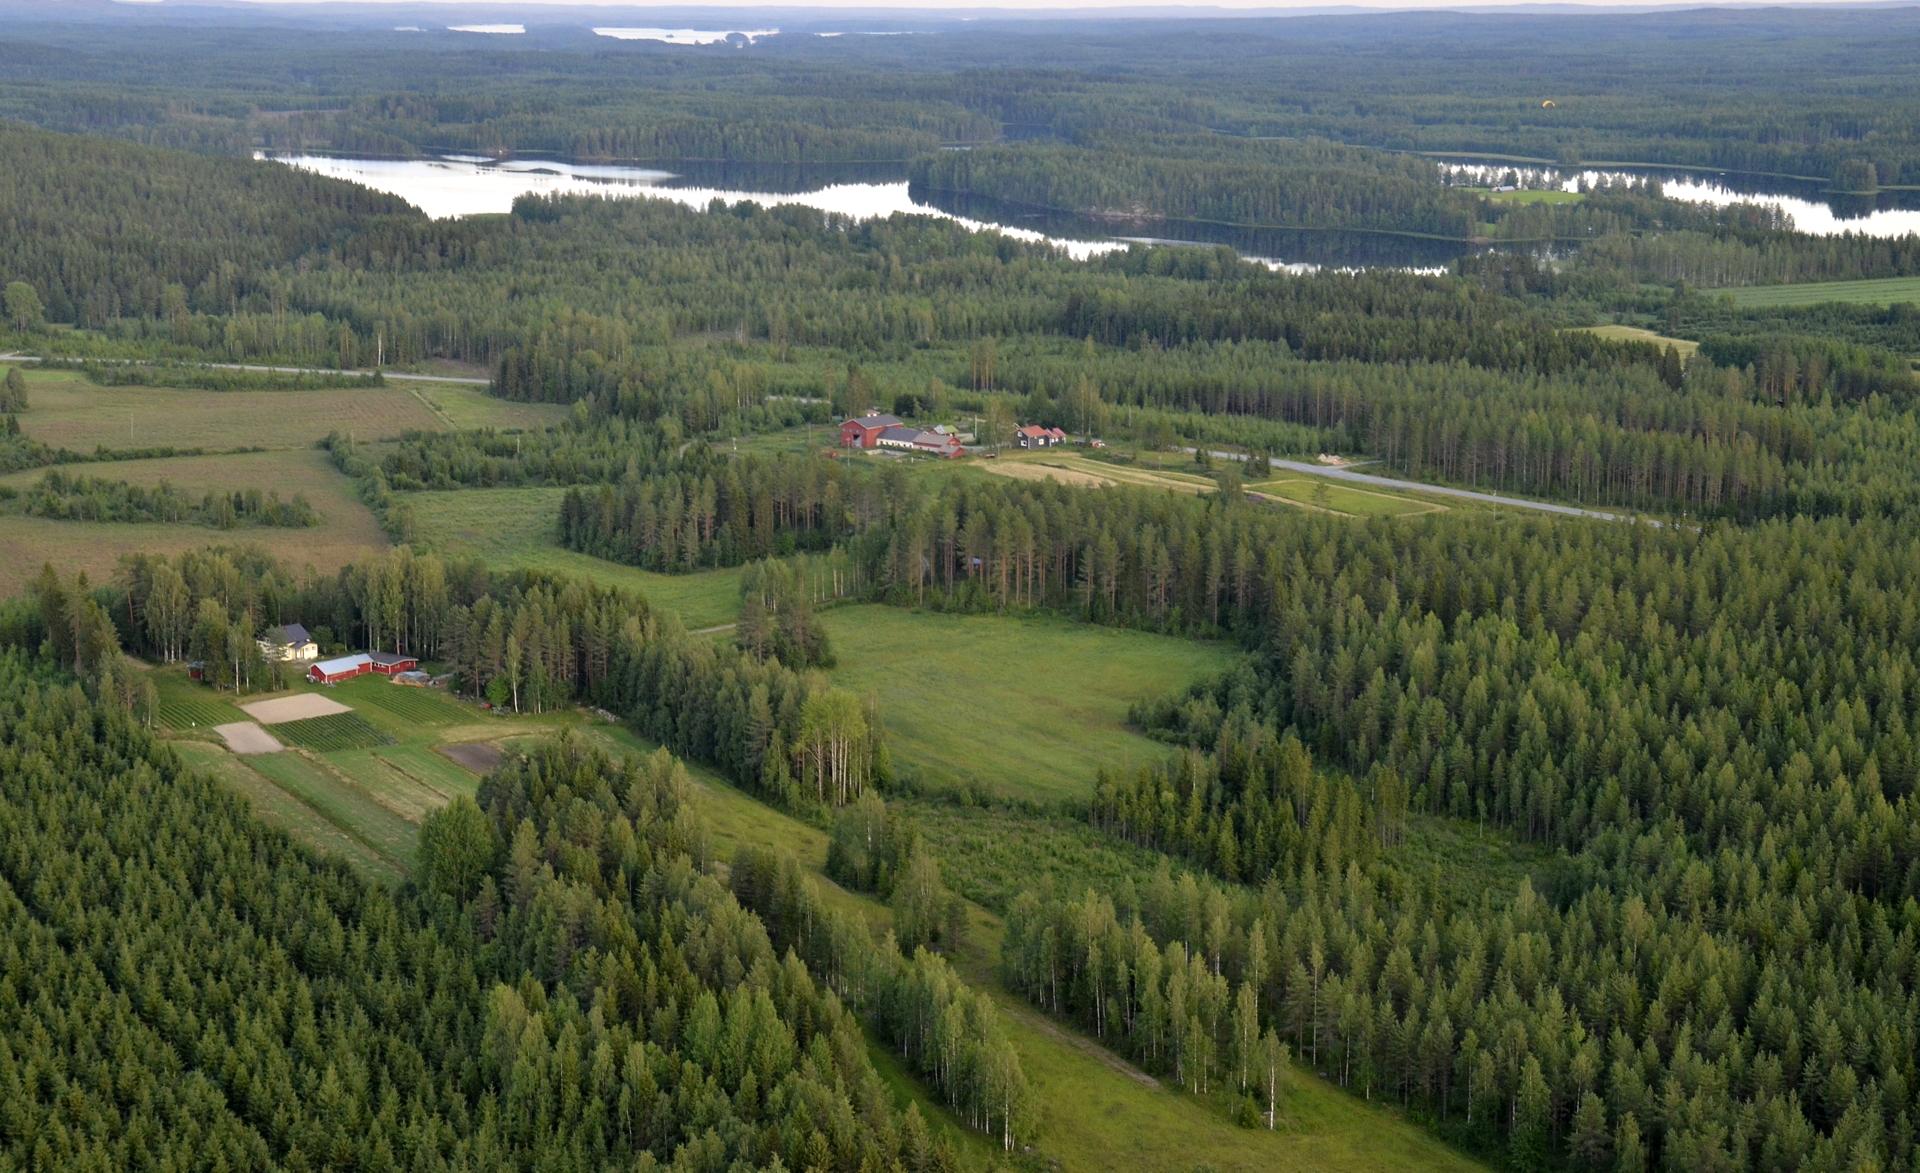 Kotvalankylää ja Komujärvi. Kuvasta voi löytää paikallisen mökkeilijän ilmassa.